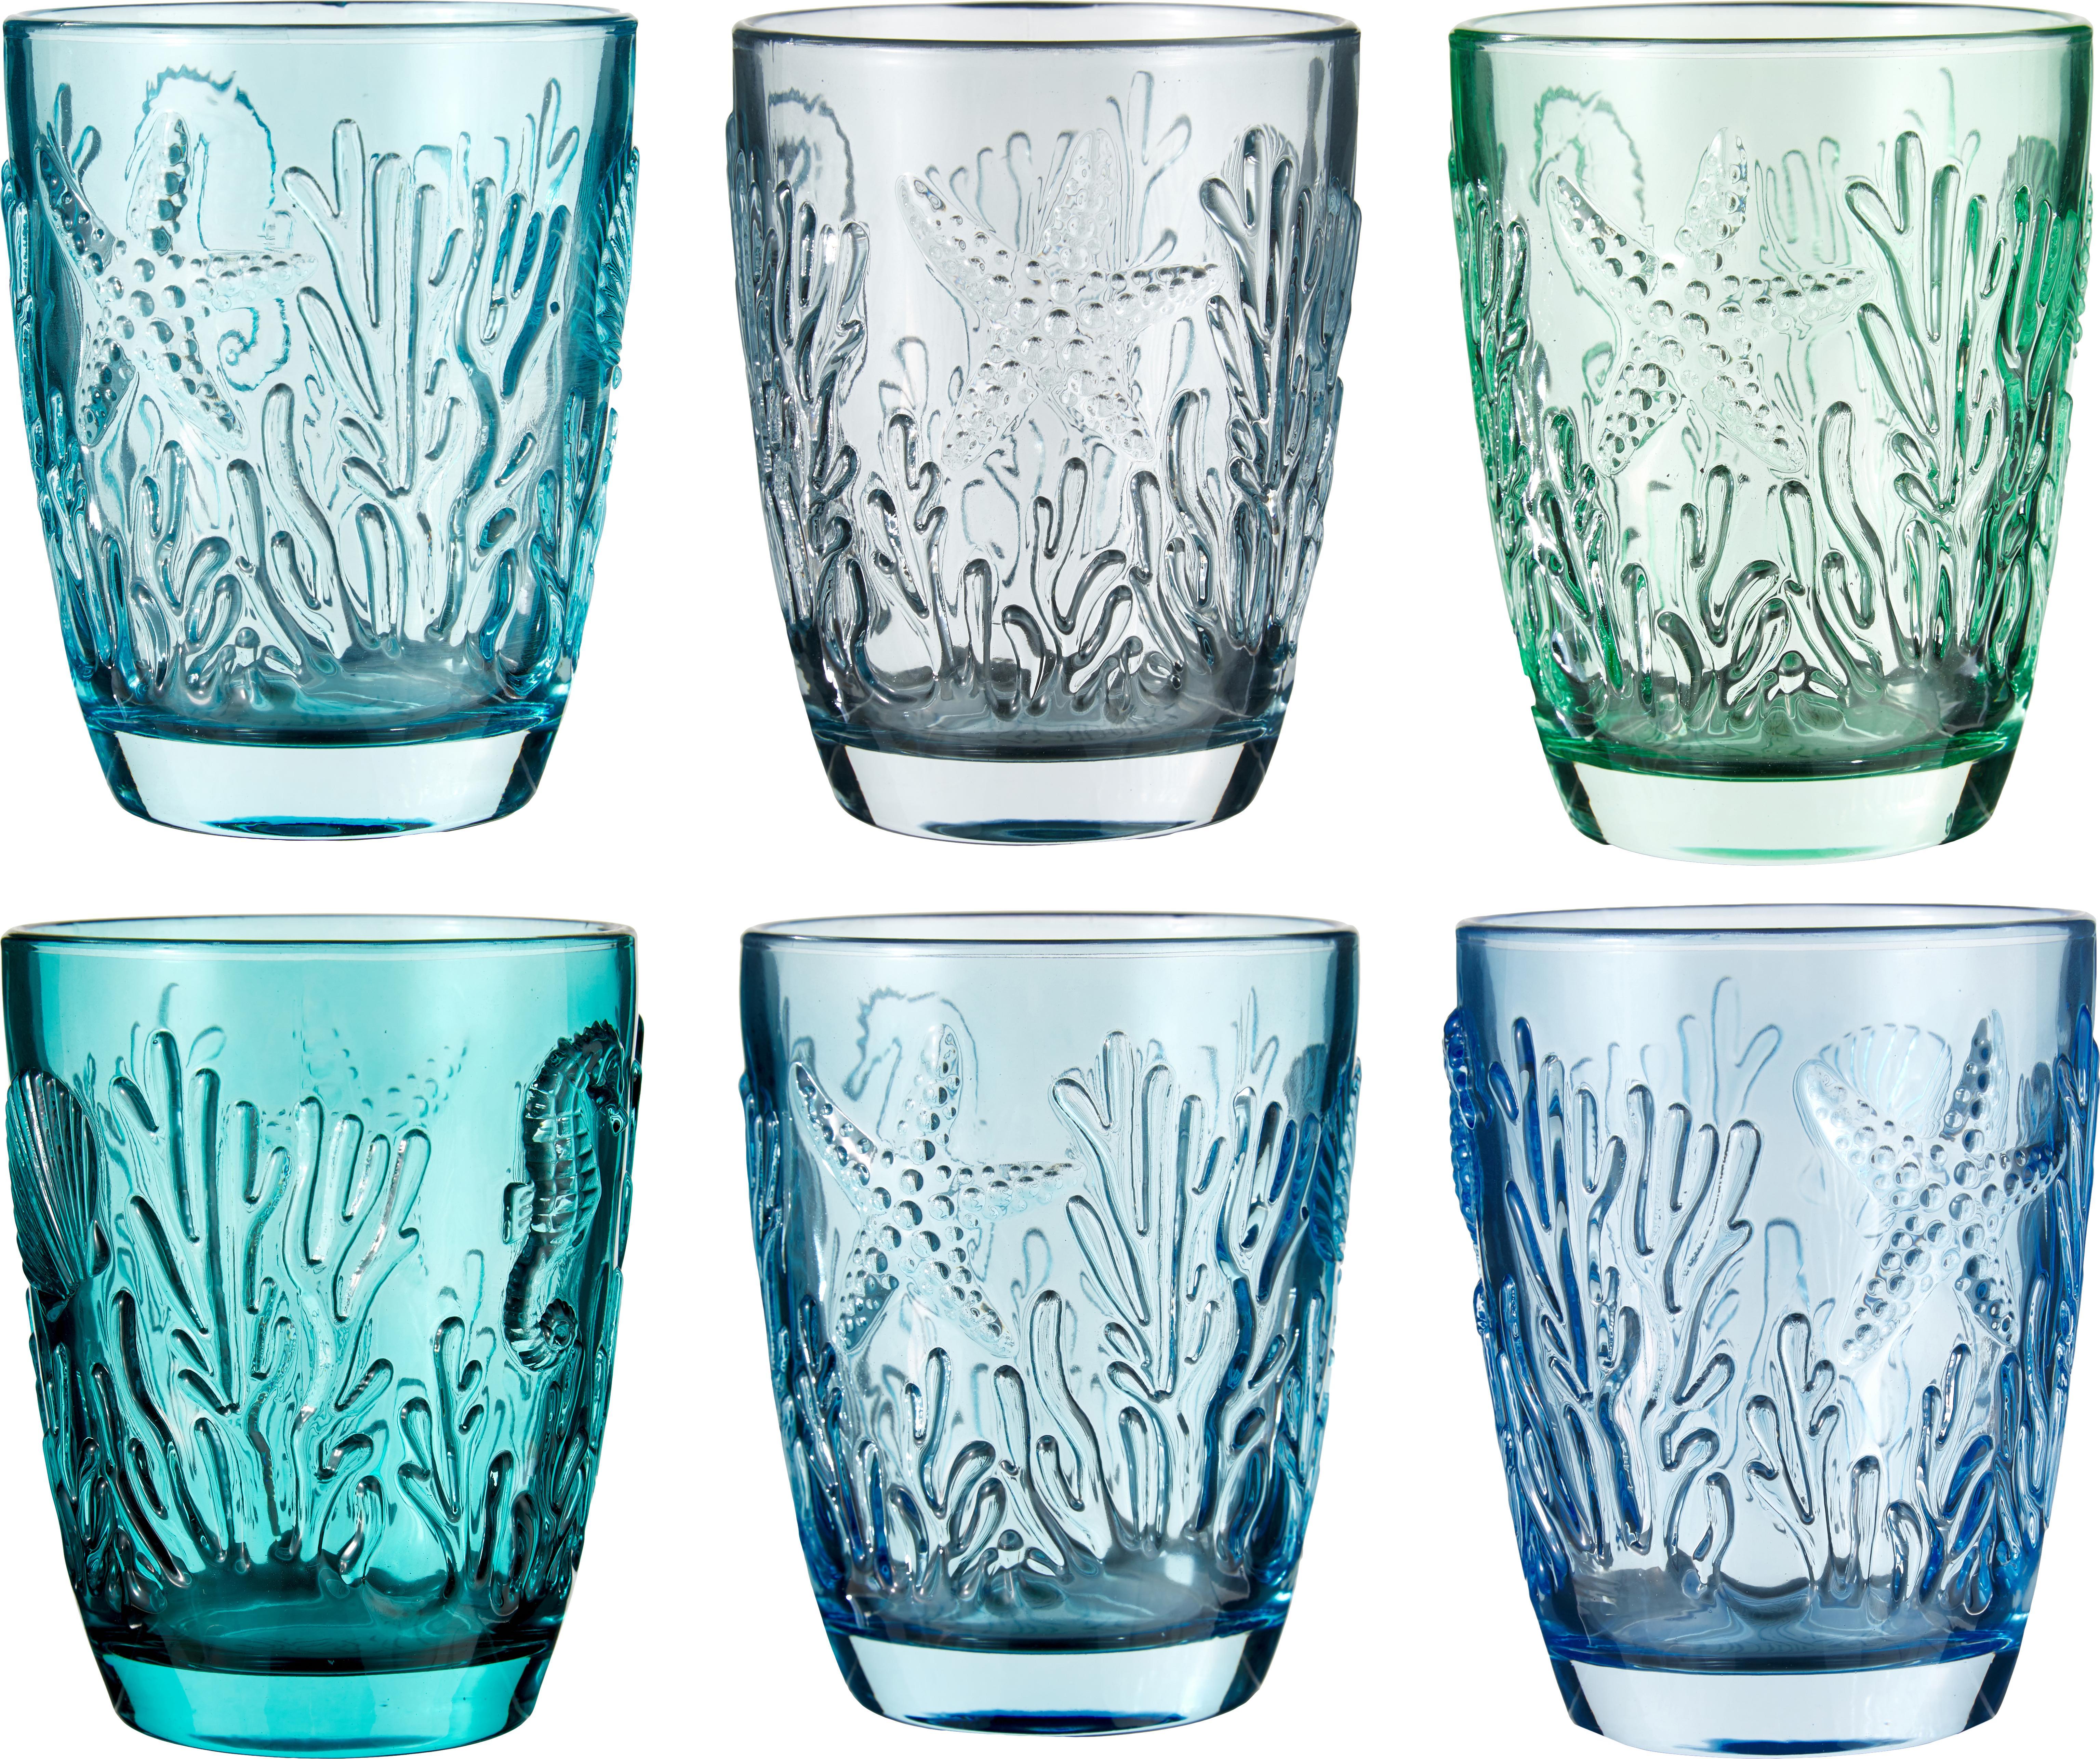 Wassergläser Pantelleria mit Muschelrelief in Blautönen, 6er-Set, Glas, Blautöne, Ø 8 x 10 cm